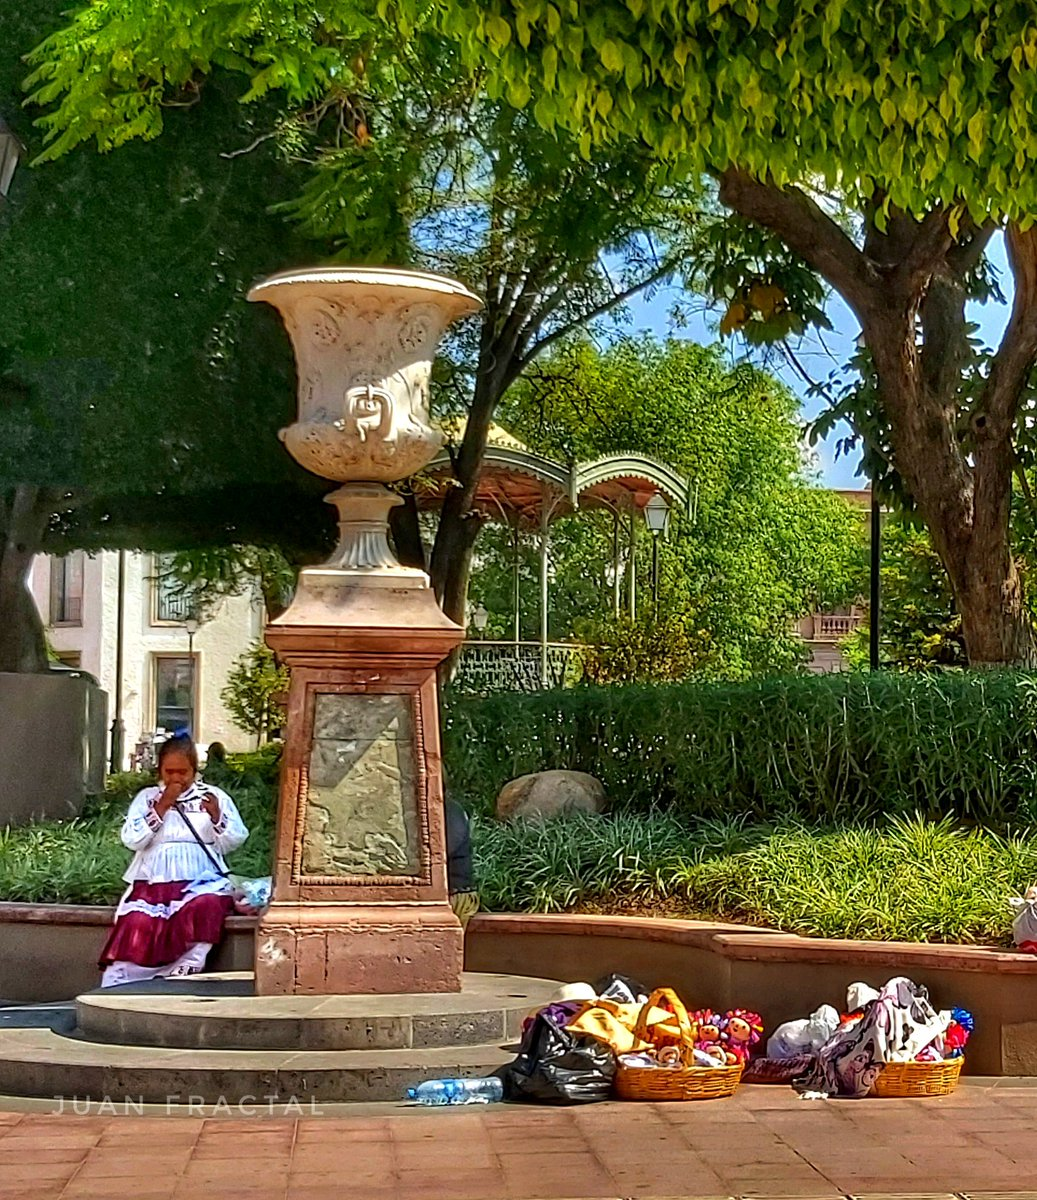 Vendedora de artesanías #FotoDelDia  #FOTOS #Querétaro #Mexico #Queretatoropic.twitter.com/vAxqBFX4QL